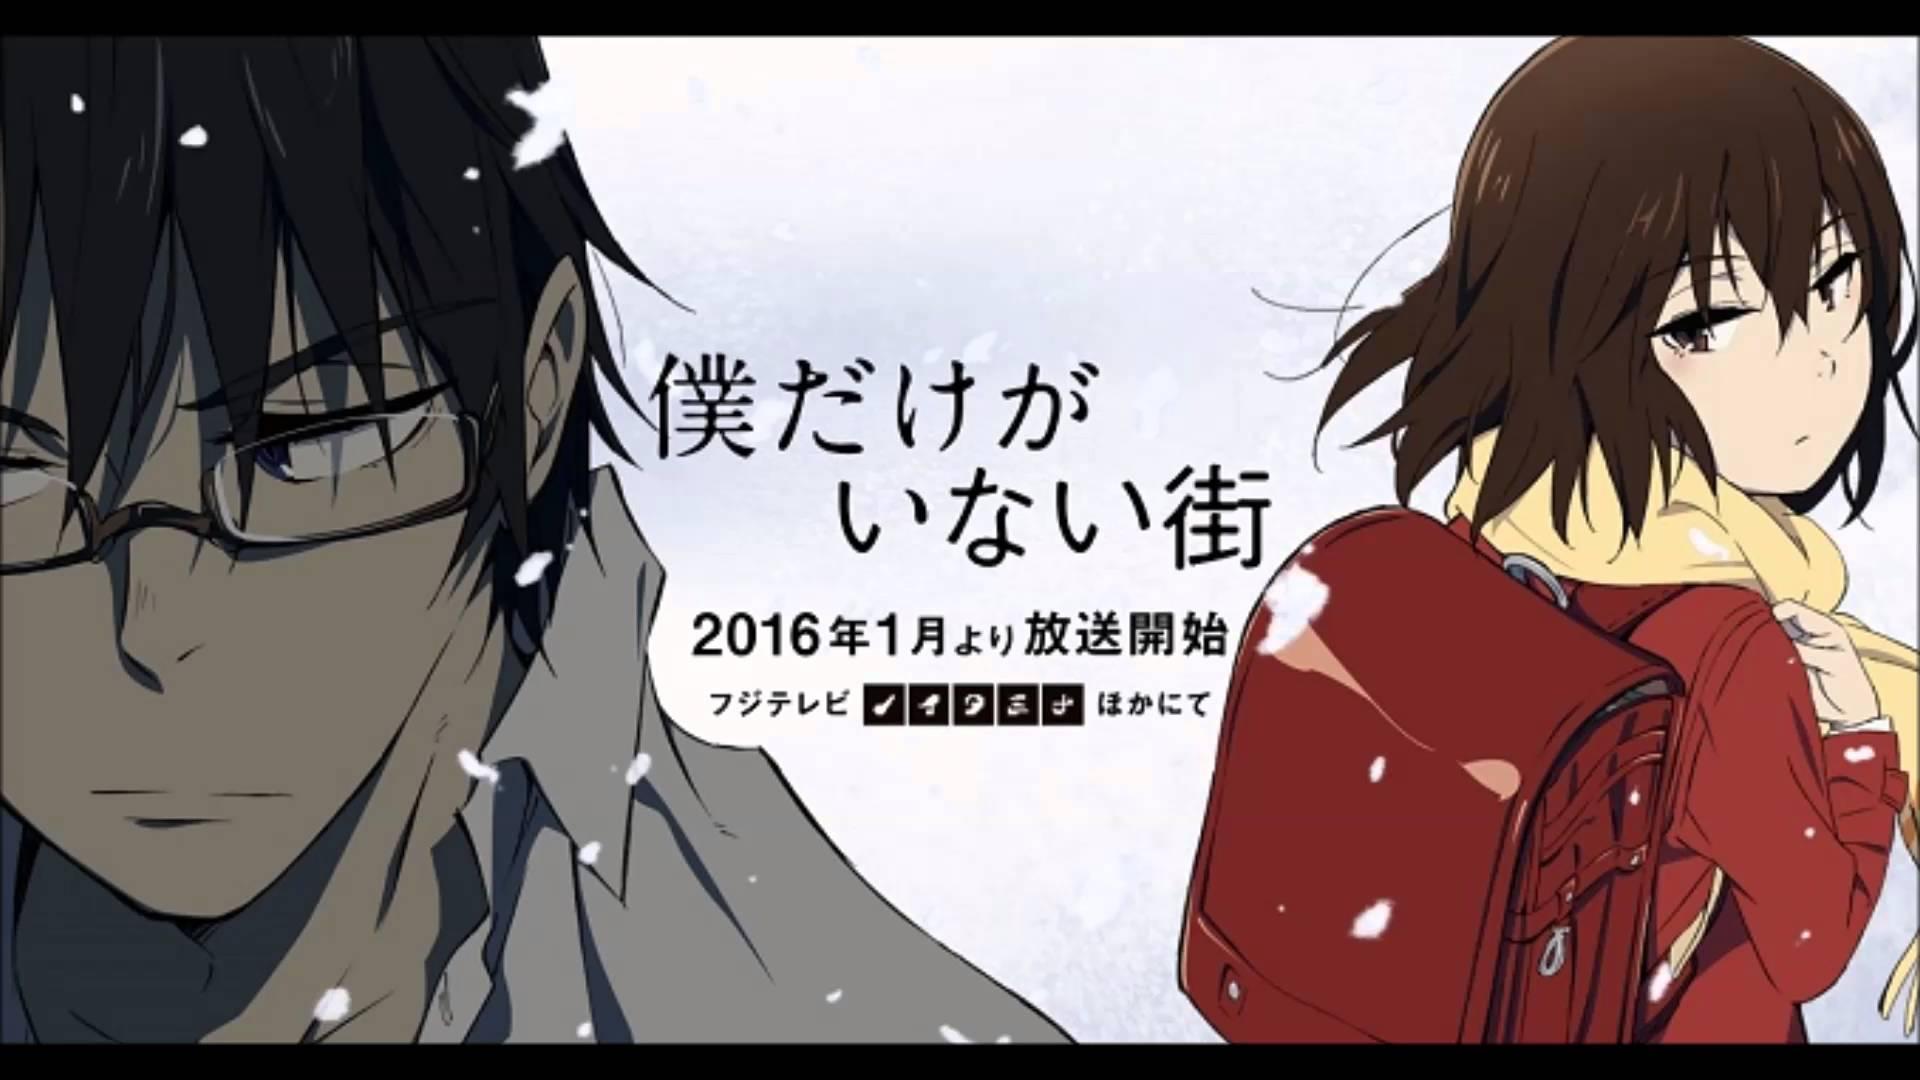 Смотреть аниме boku no piko без цензуры 20 фотография